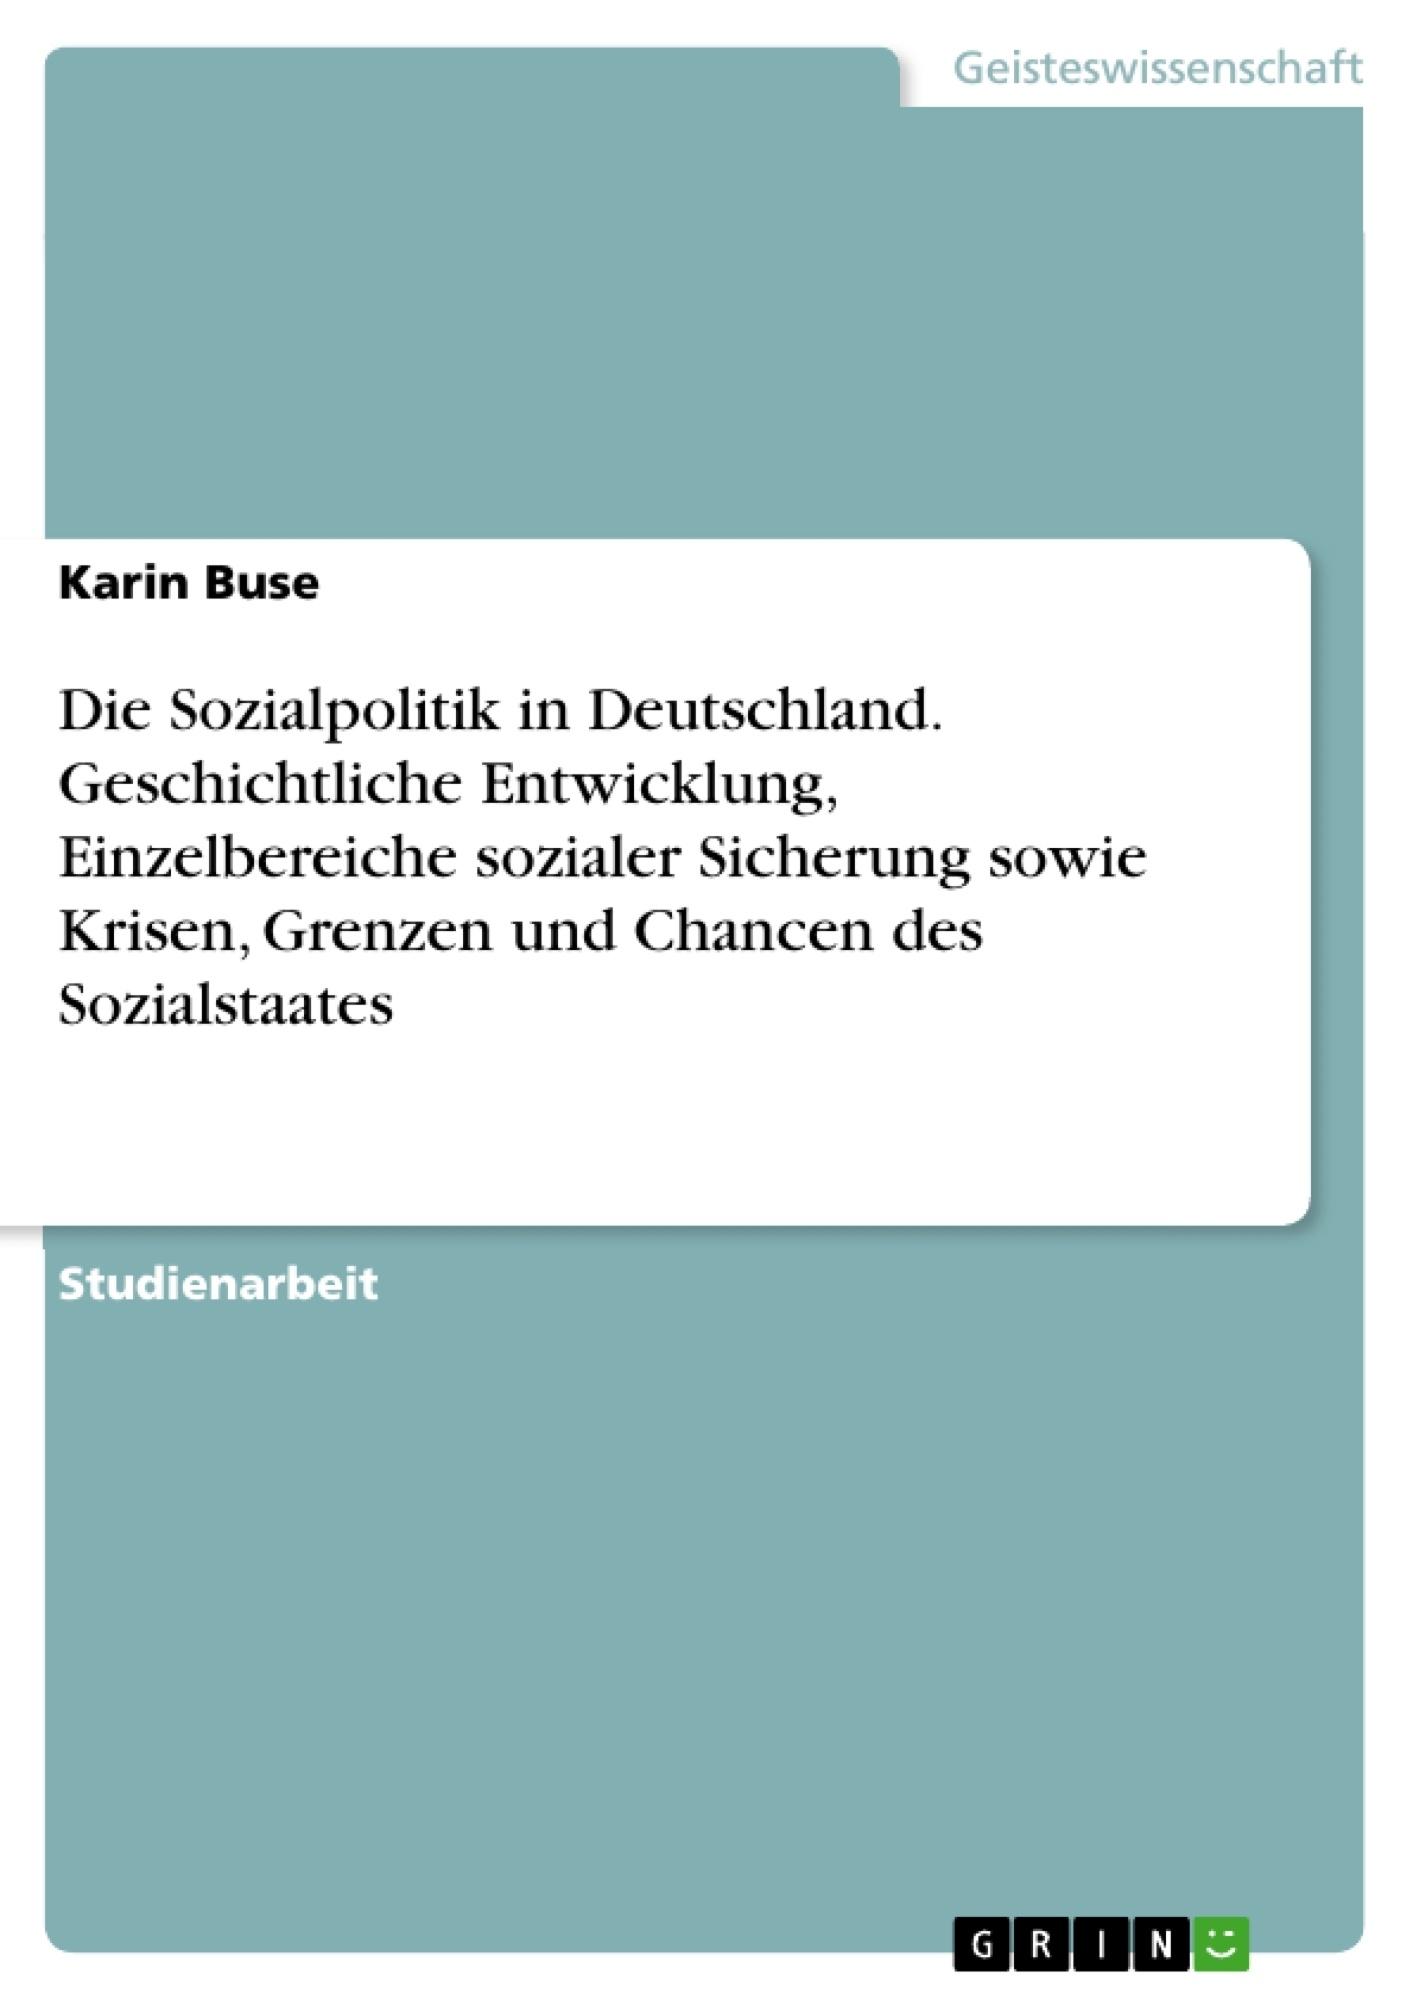 Titel: Die Sozialpolitik in Deutschland. Geschichtliche Entwicklung, Einzelbereiche sozialer Sicherung sowie Krisen, Grenzen und Chancen des Sozialstaates